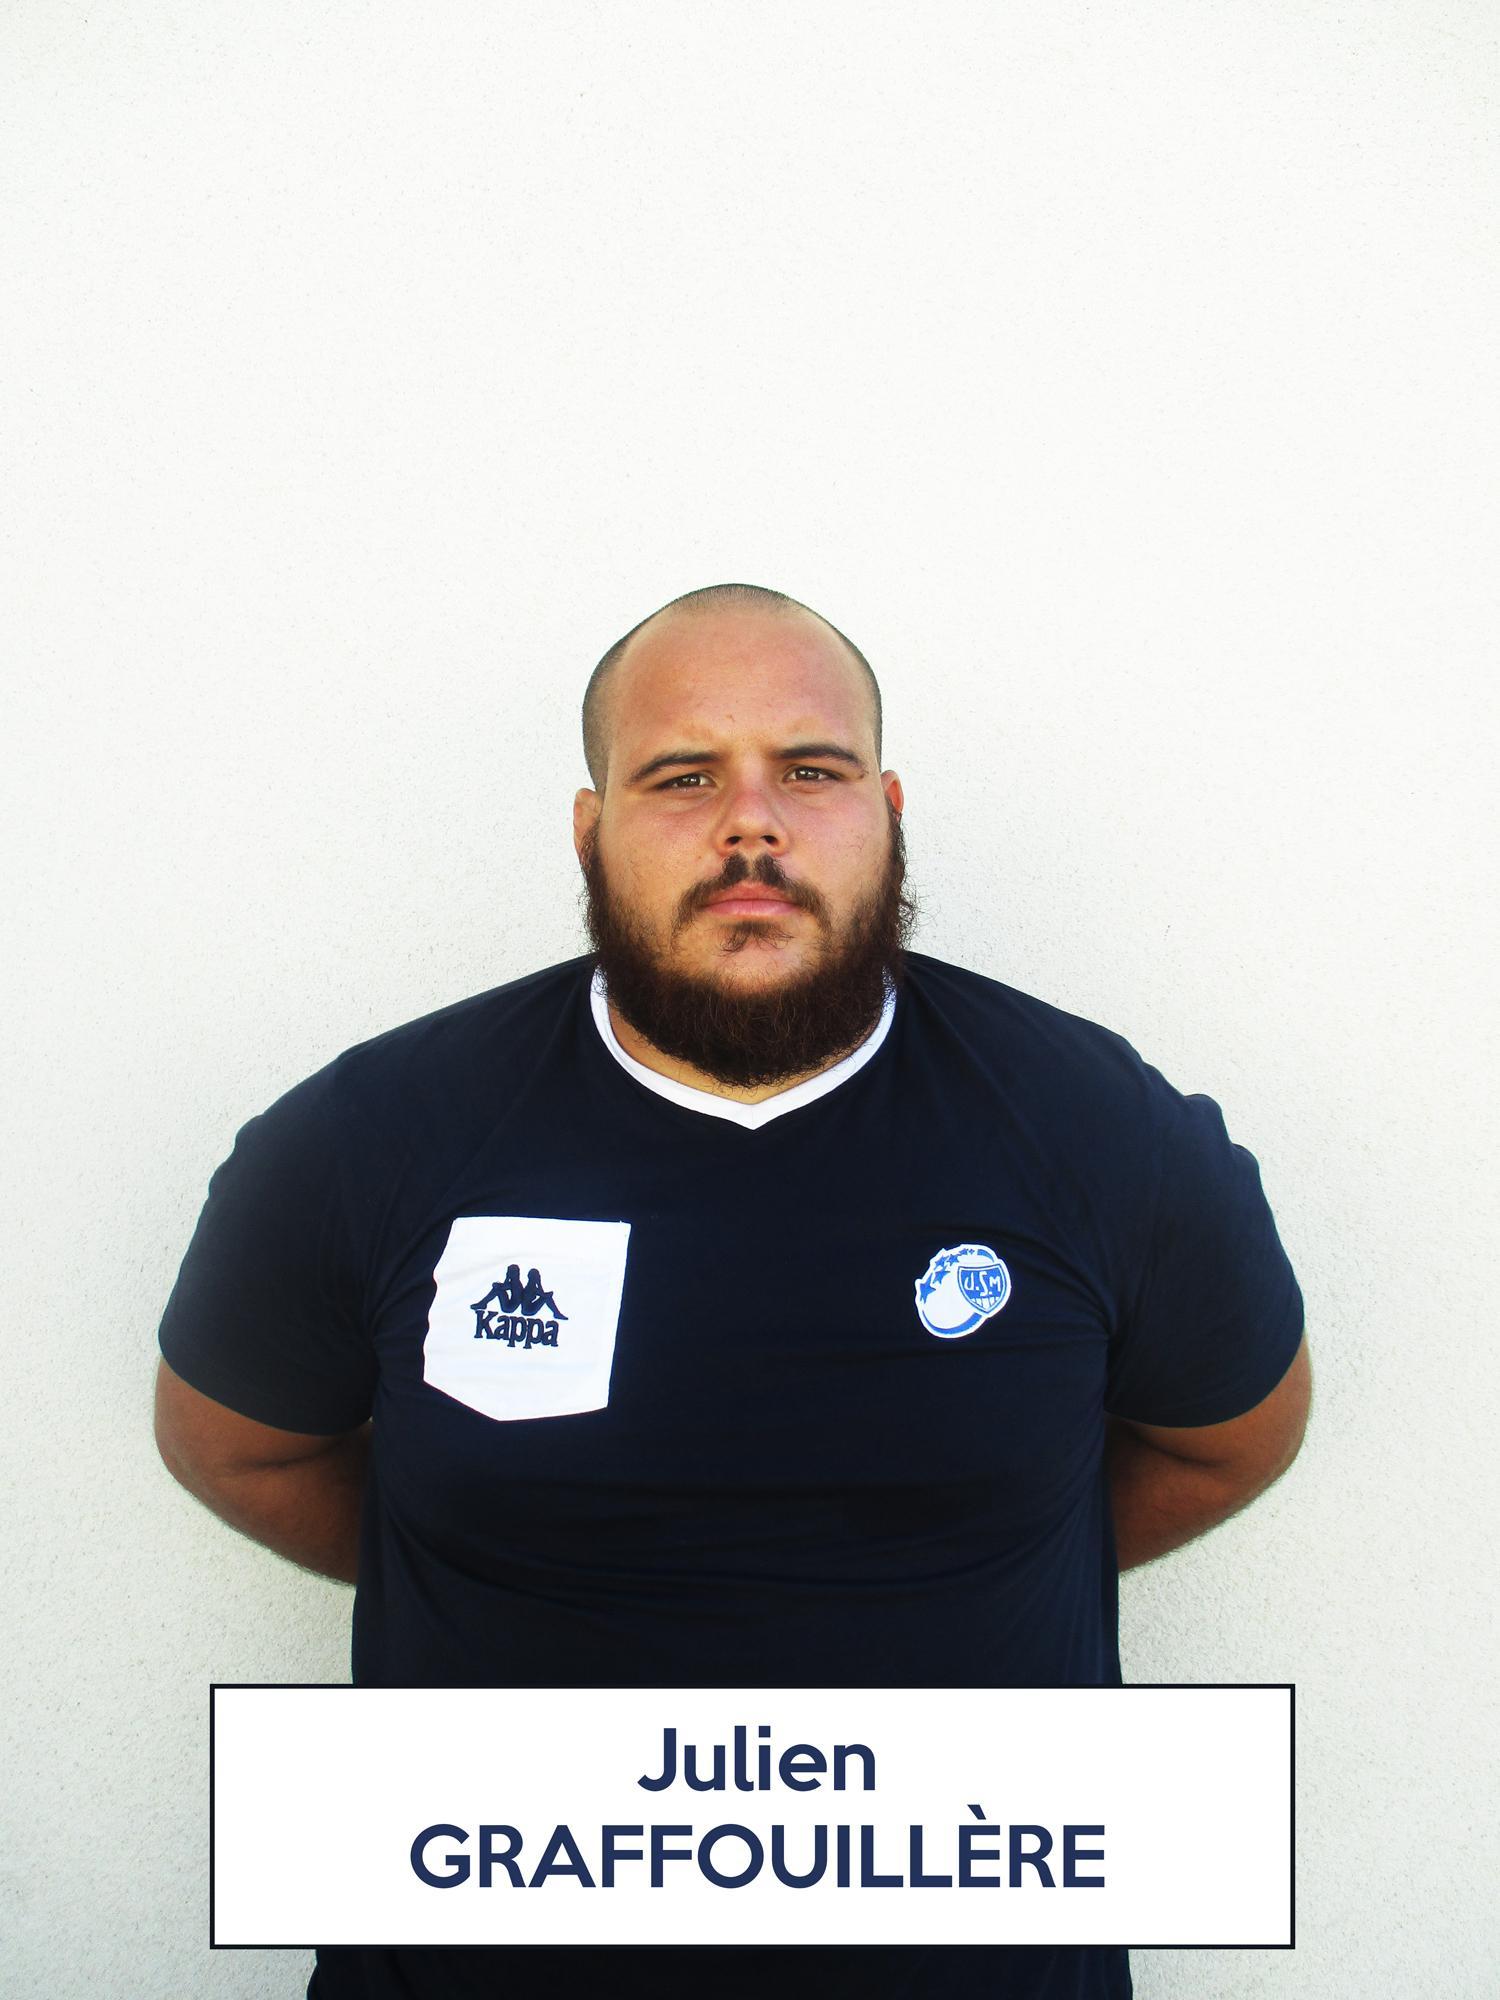 Julien Graffouillère